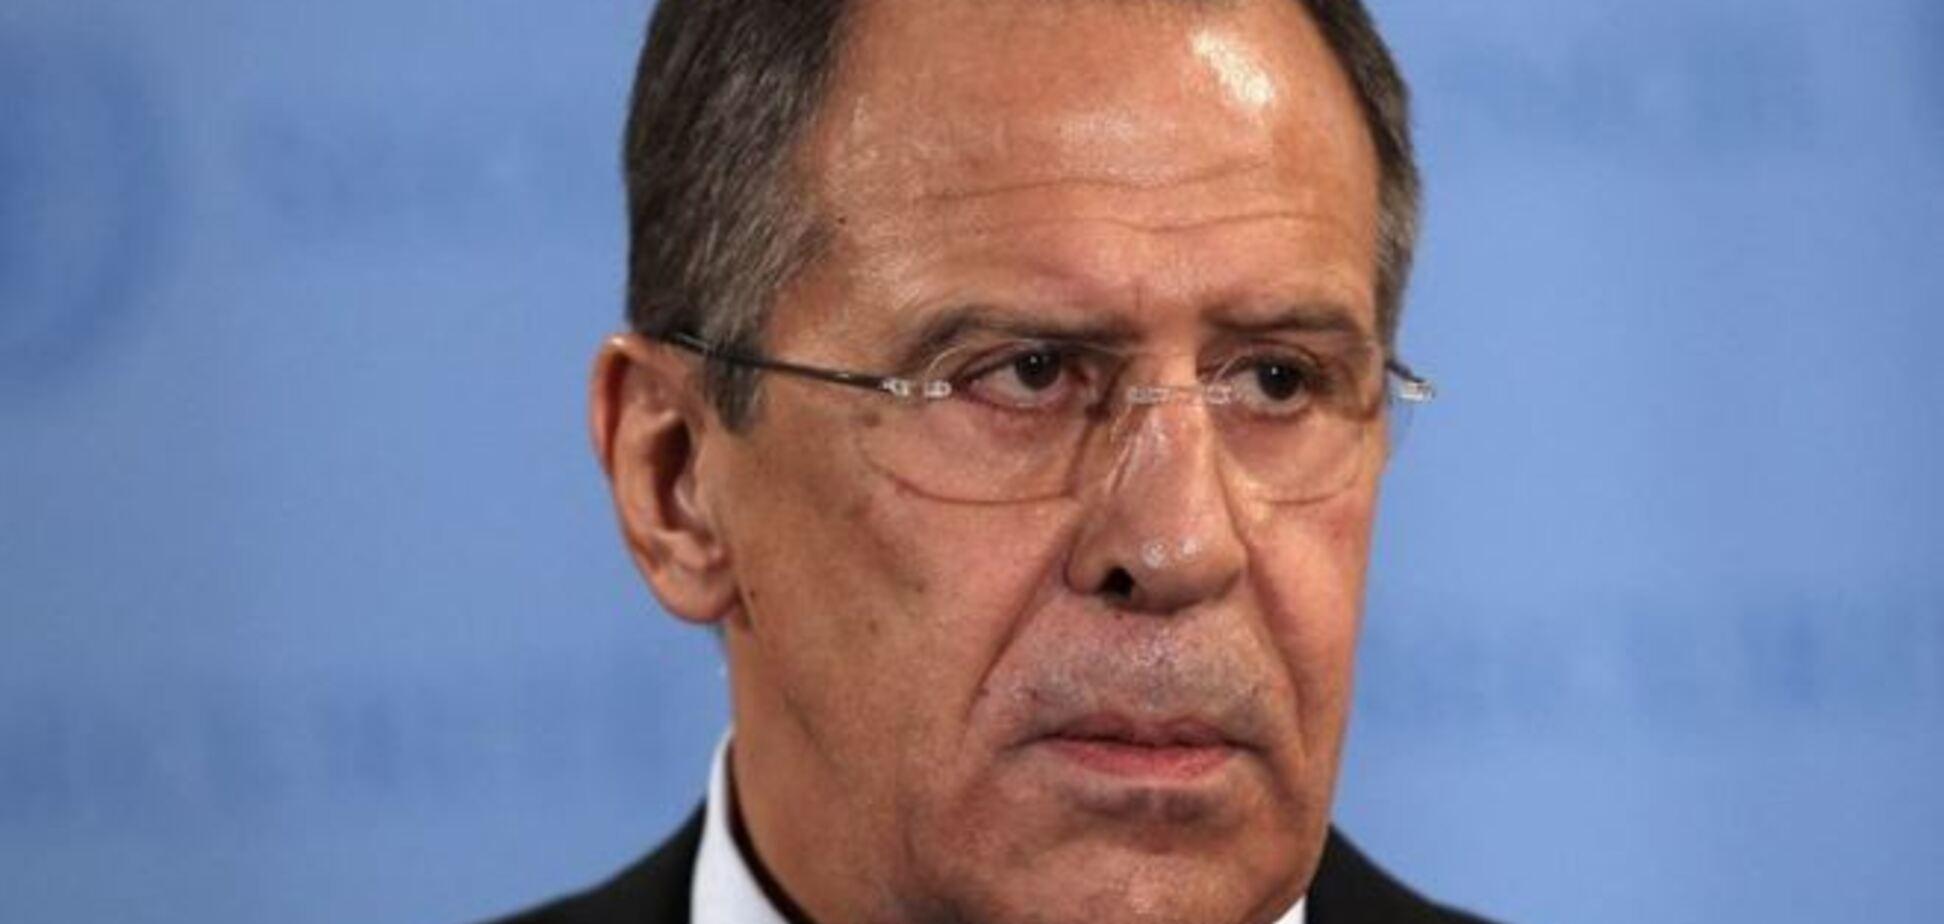 Лавров ничего не слышал о притеснениях крымских татар и планах об их депортации